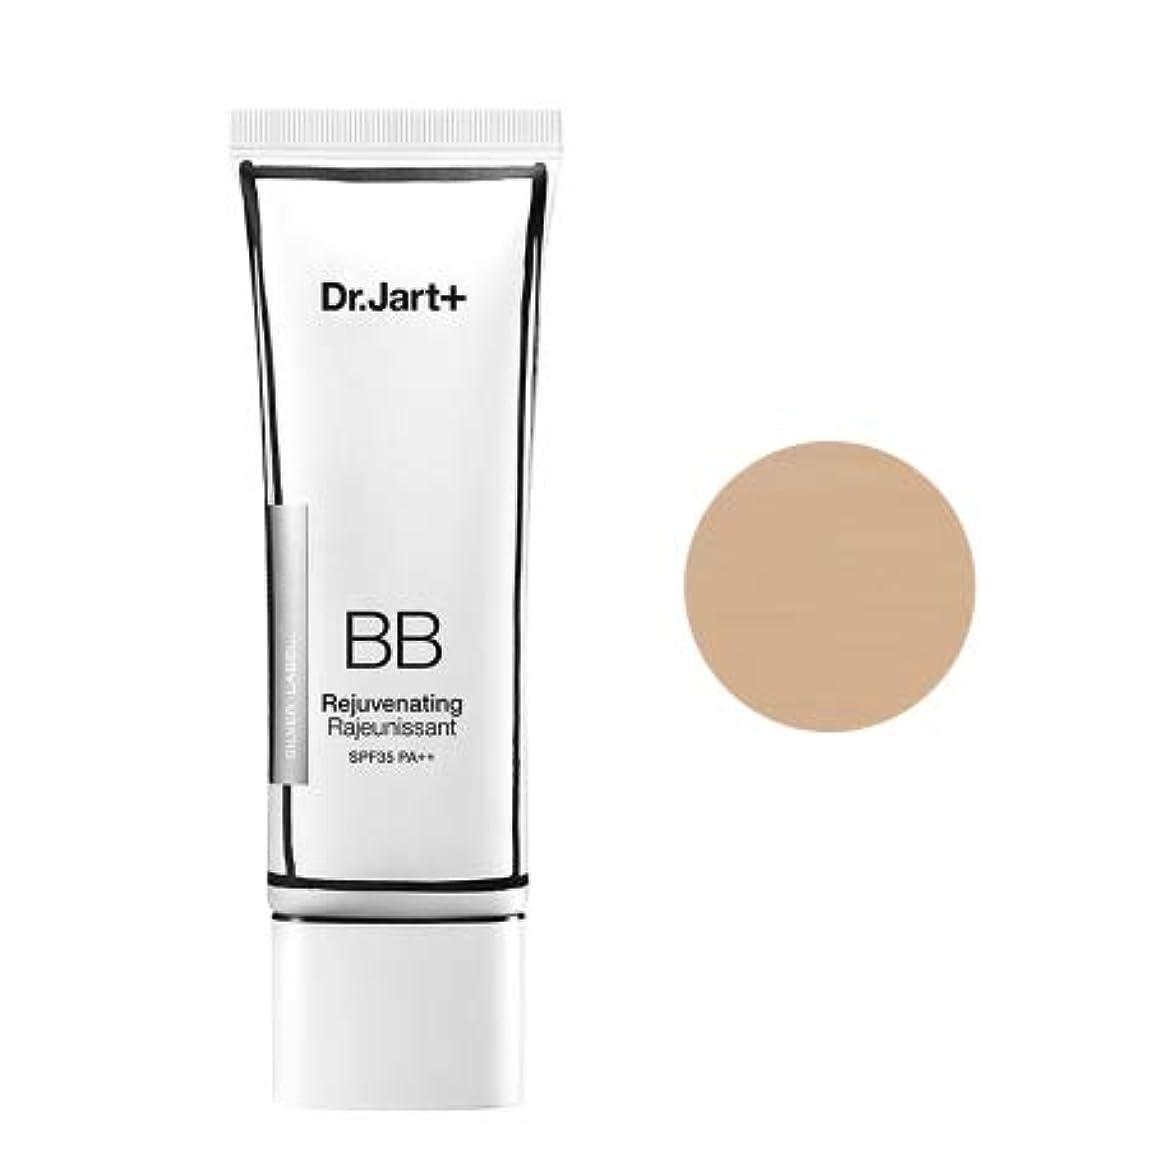 弾性座るブレーク[Upgrade] Dr.Jart+Dermakeup Rejuvenating Beauty Balm SPF35 PA++ 50ml /ドクタージャルトゥザメーキャップリージュビネイティンビューティーバーム SPF35...